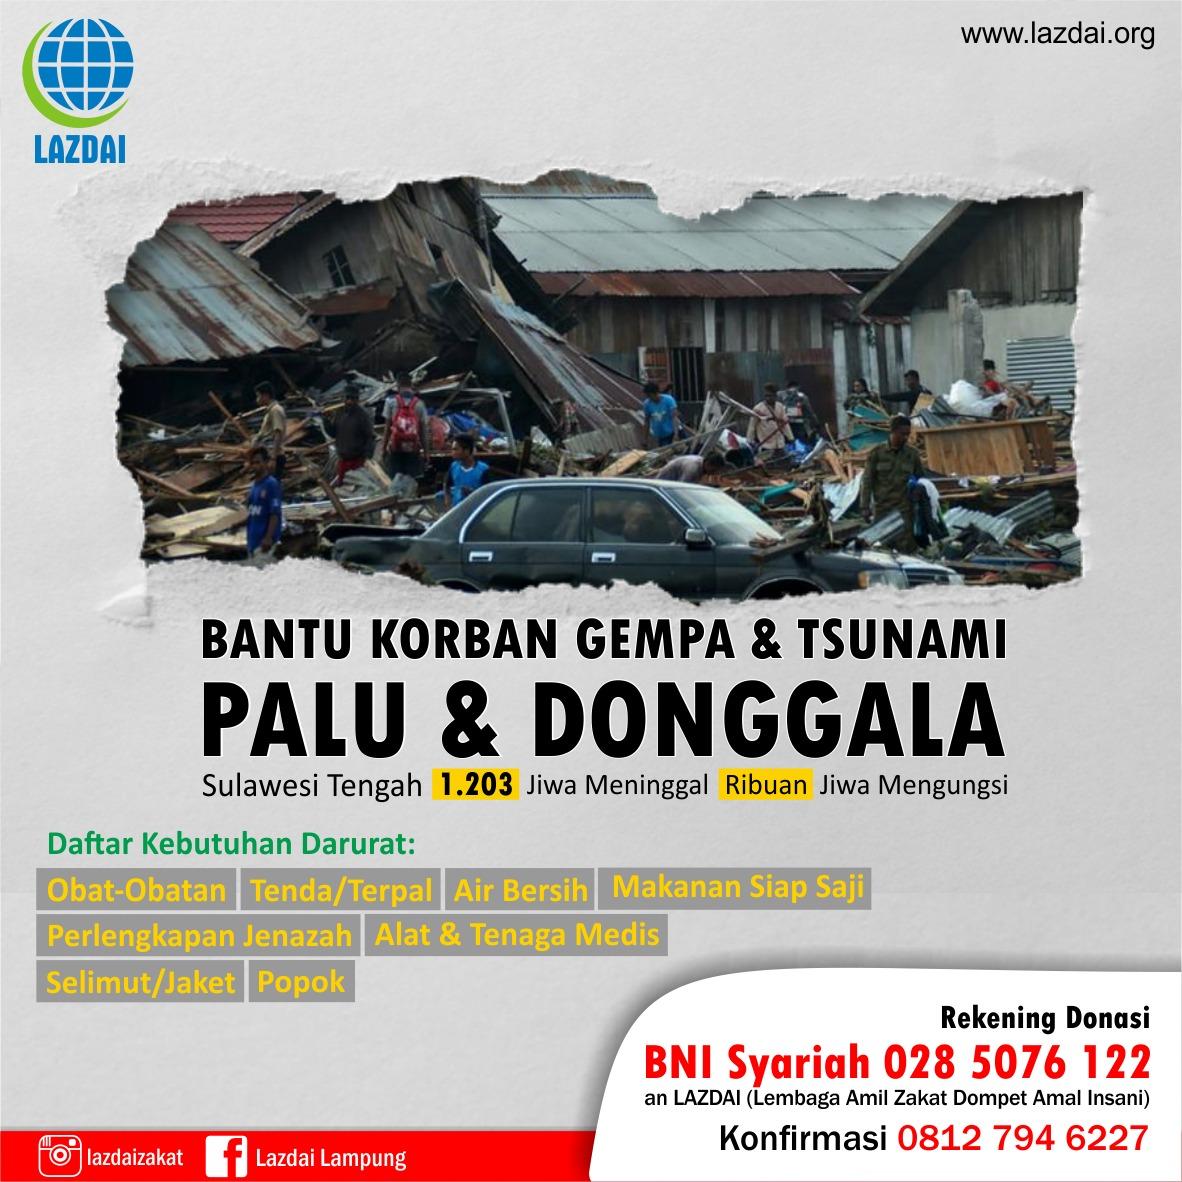 Bantu Korban Gempa Palu dan Donggala